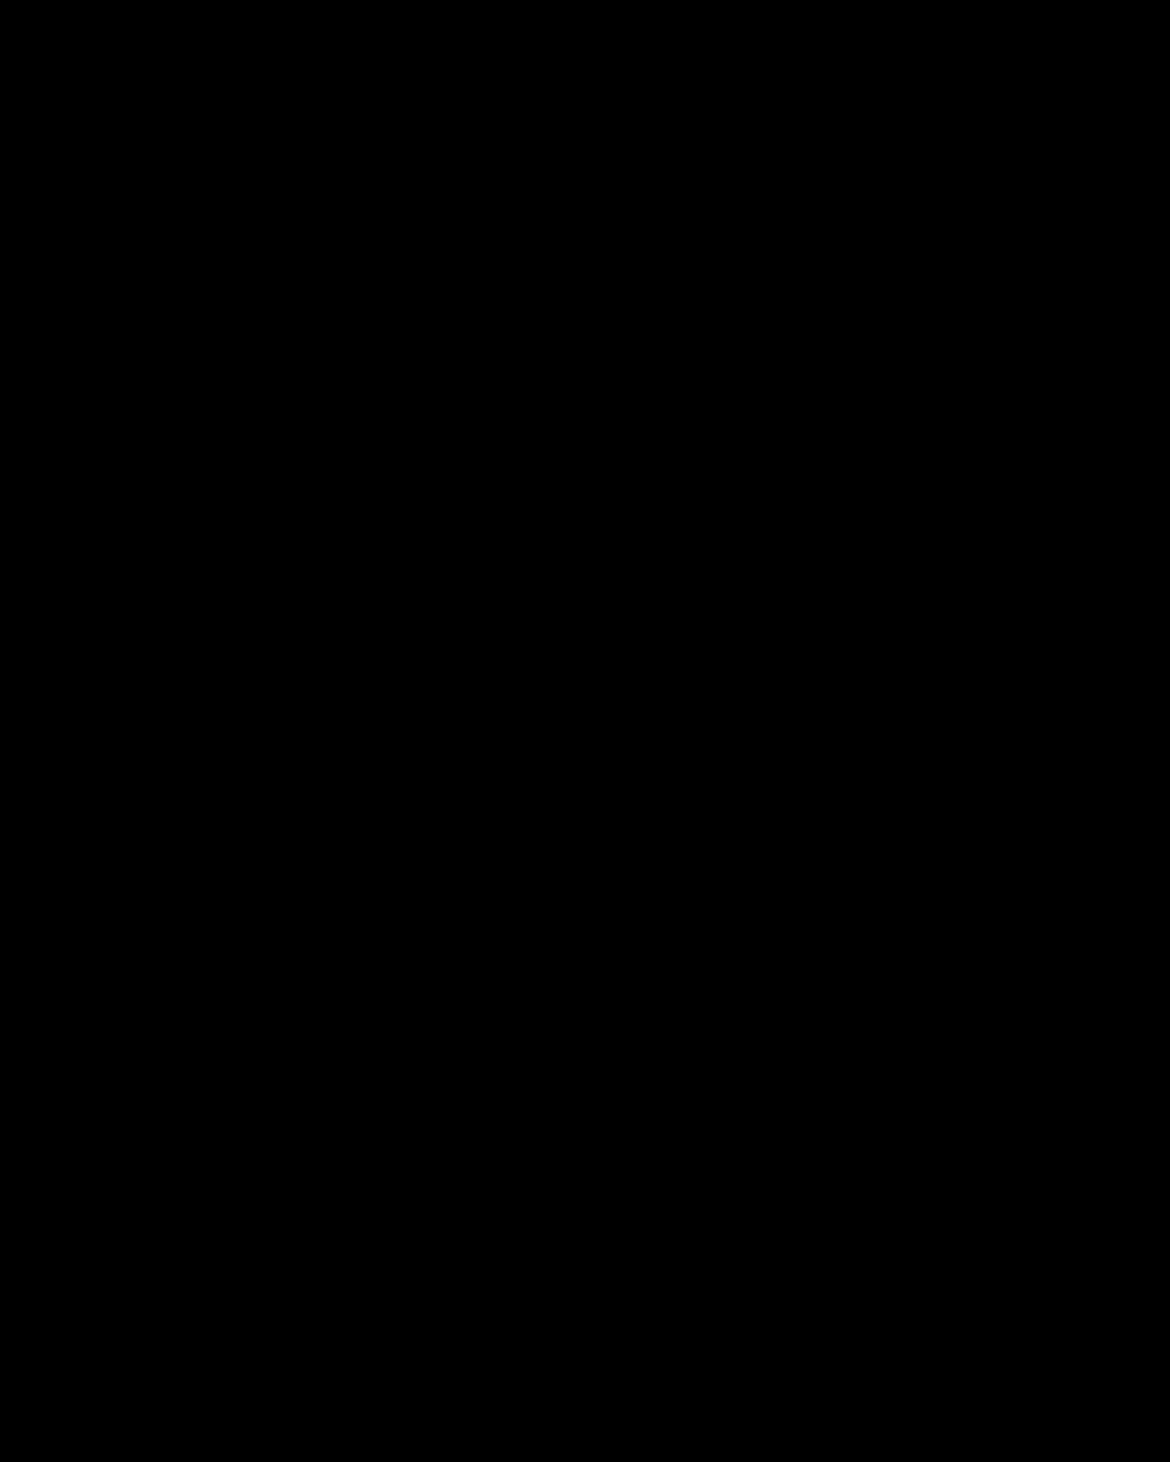 Laura Comolli in abito Vivetta per le strade di Mèrida, Yucatàn Messico: Il mio diario di viaggio - parte II